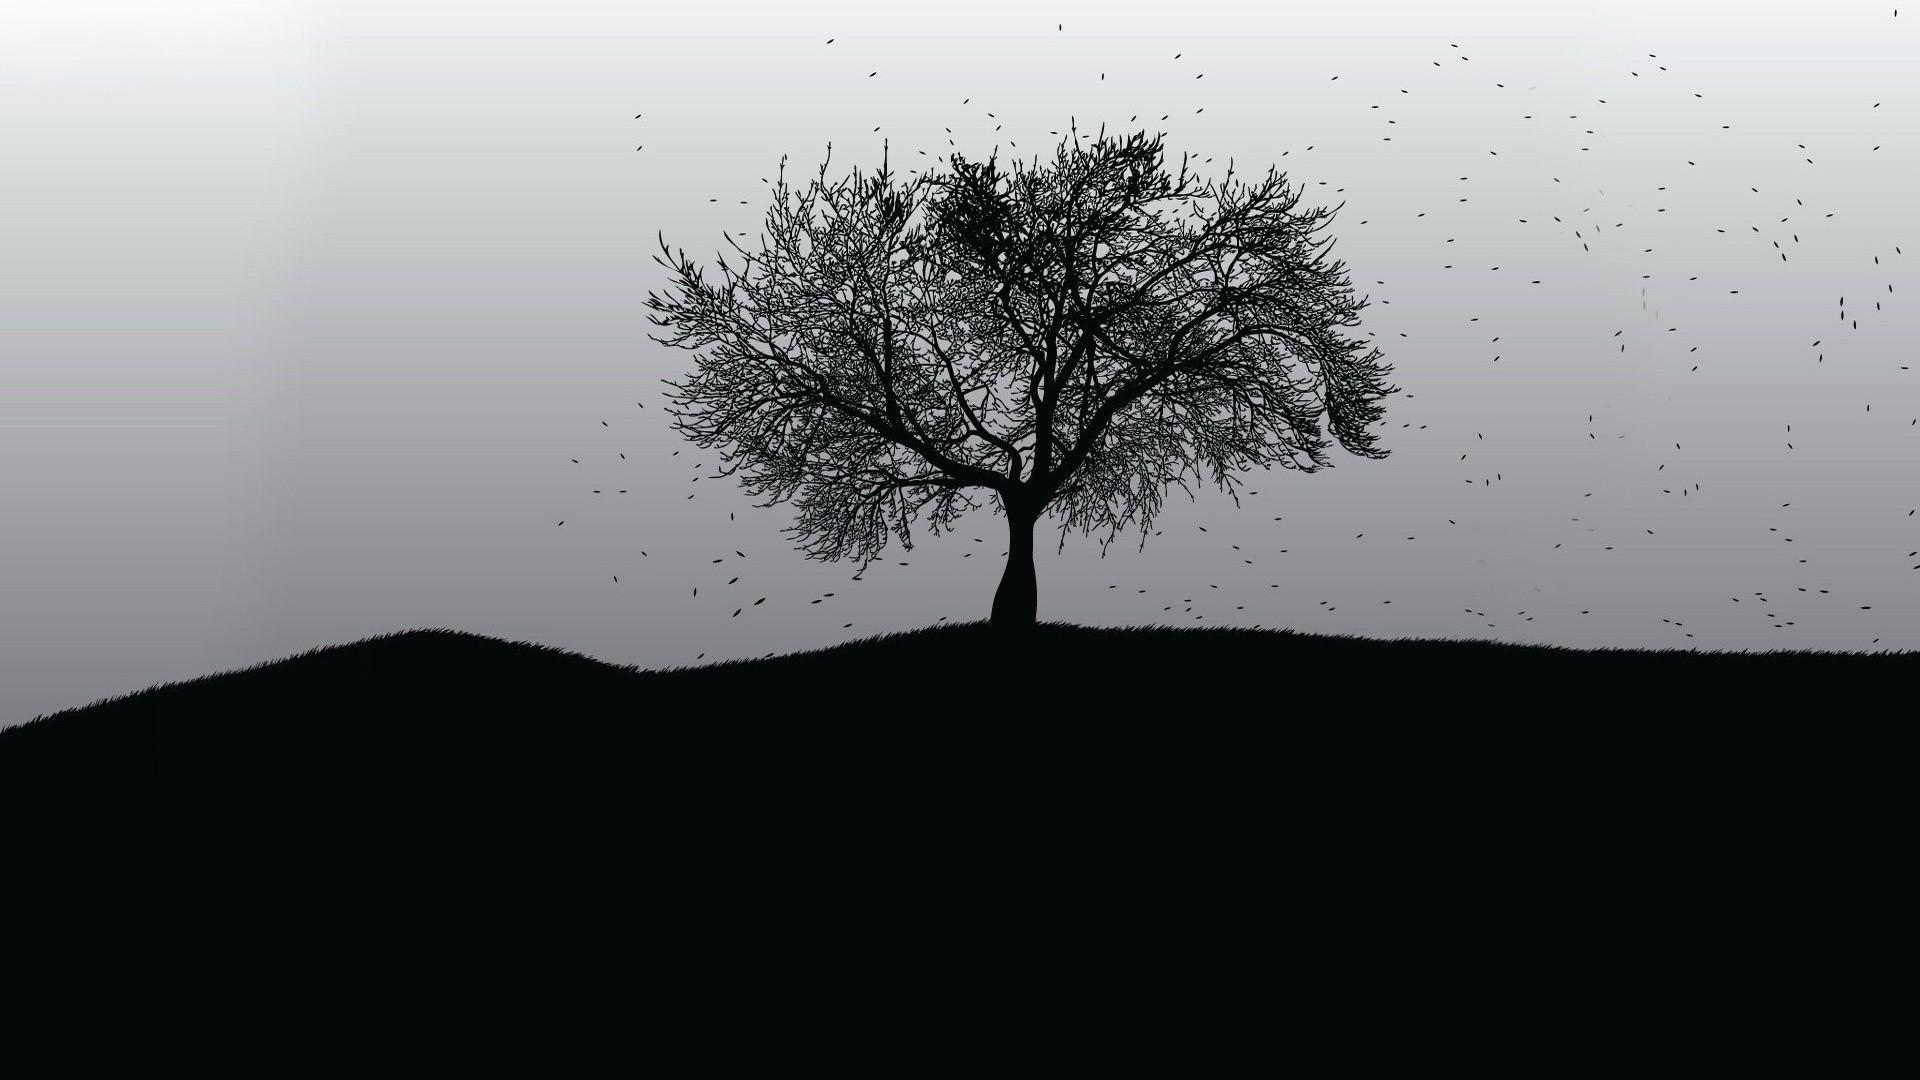 Tree Minimalist Wallpaper image hd